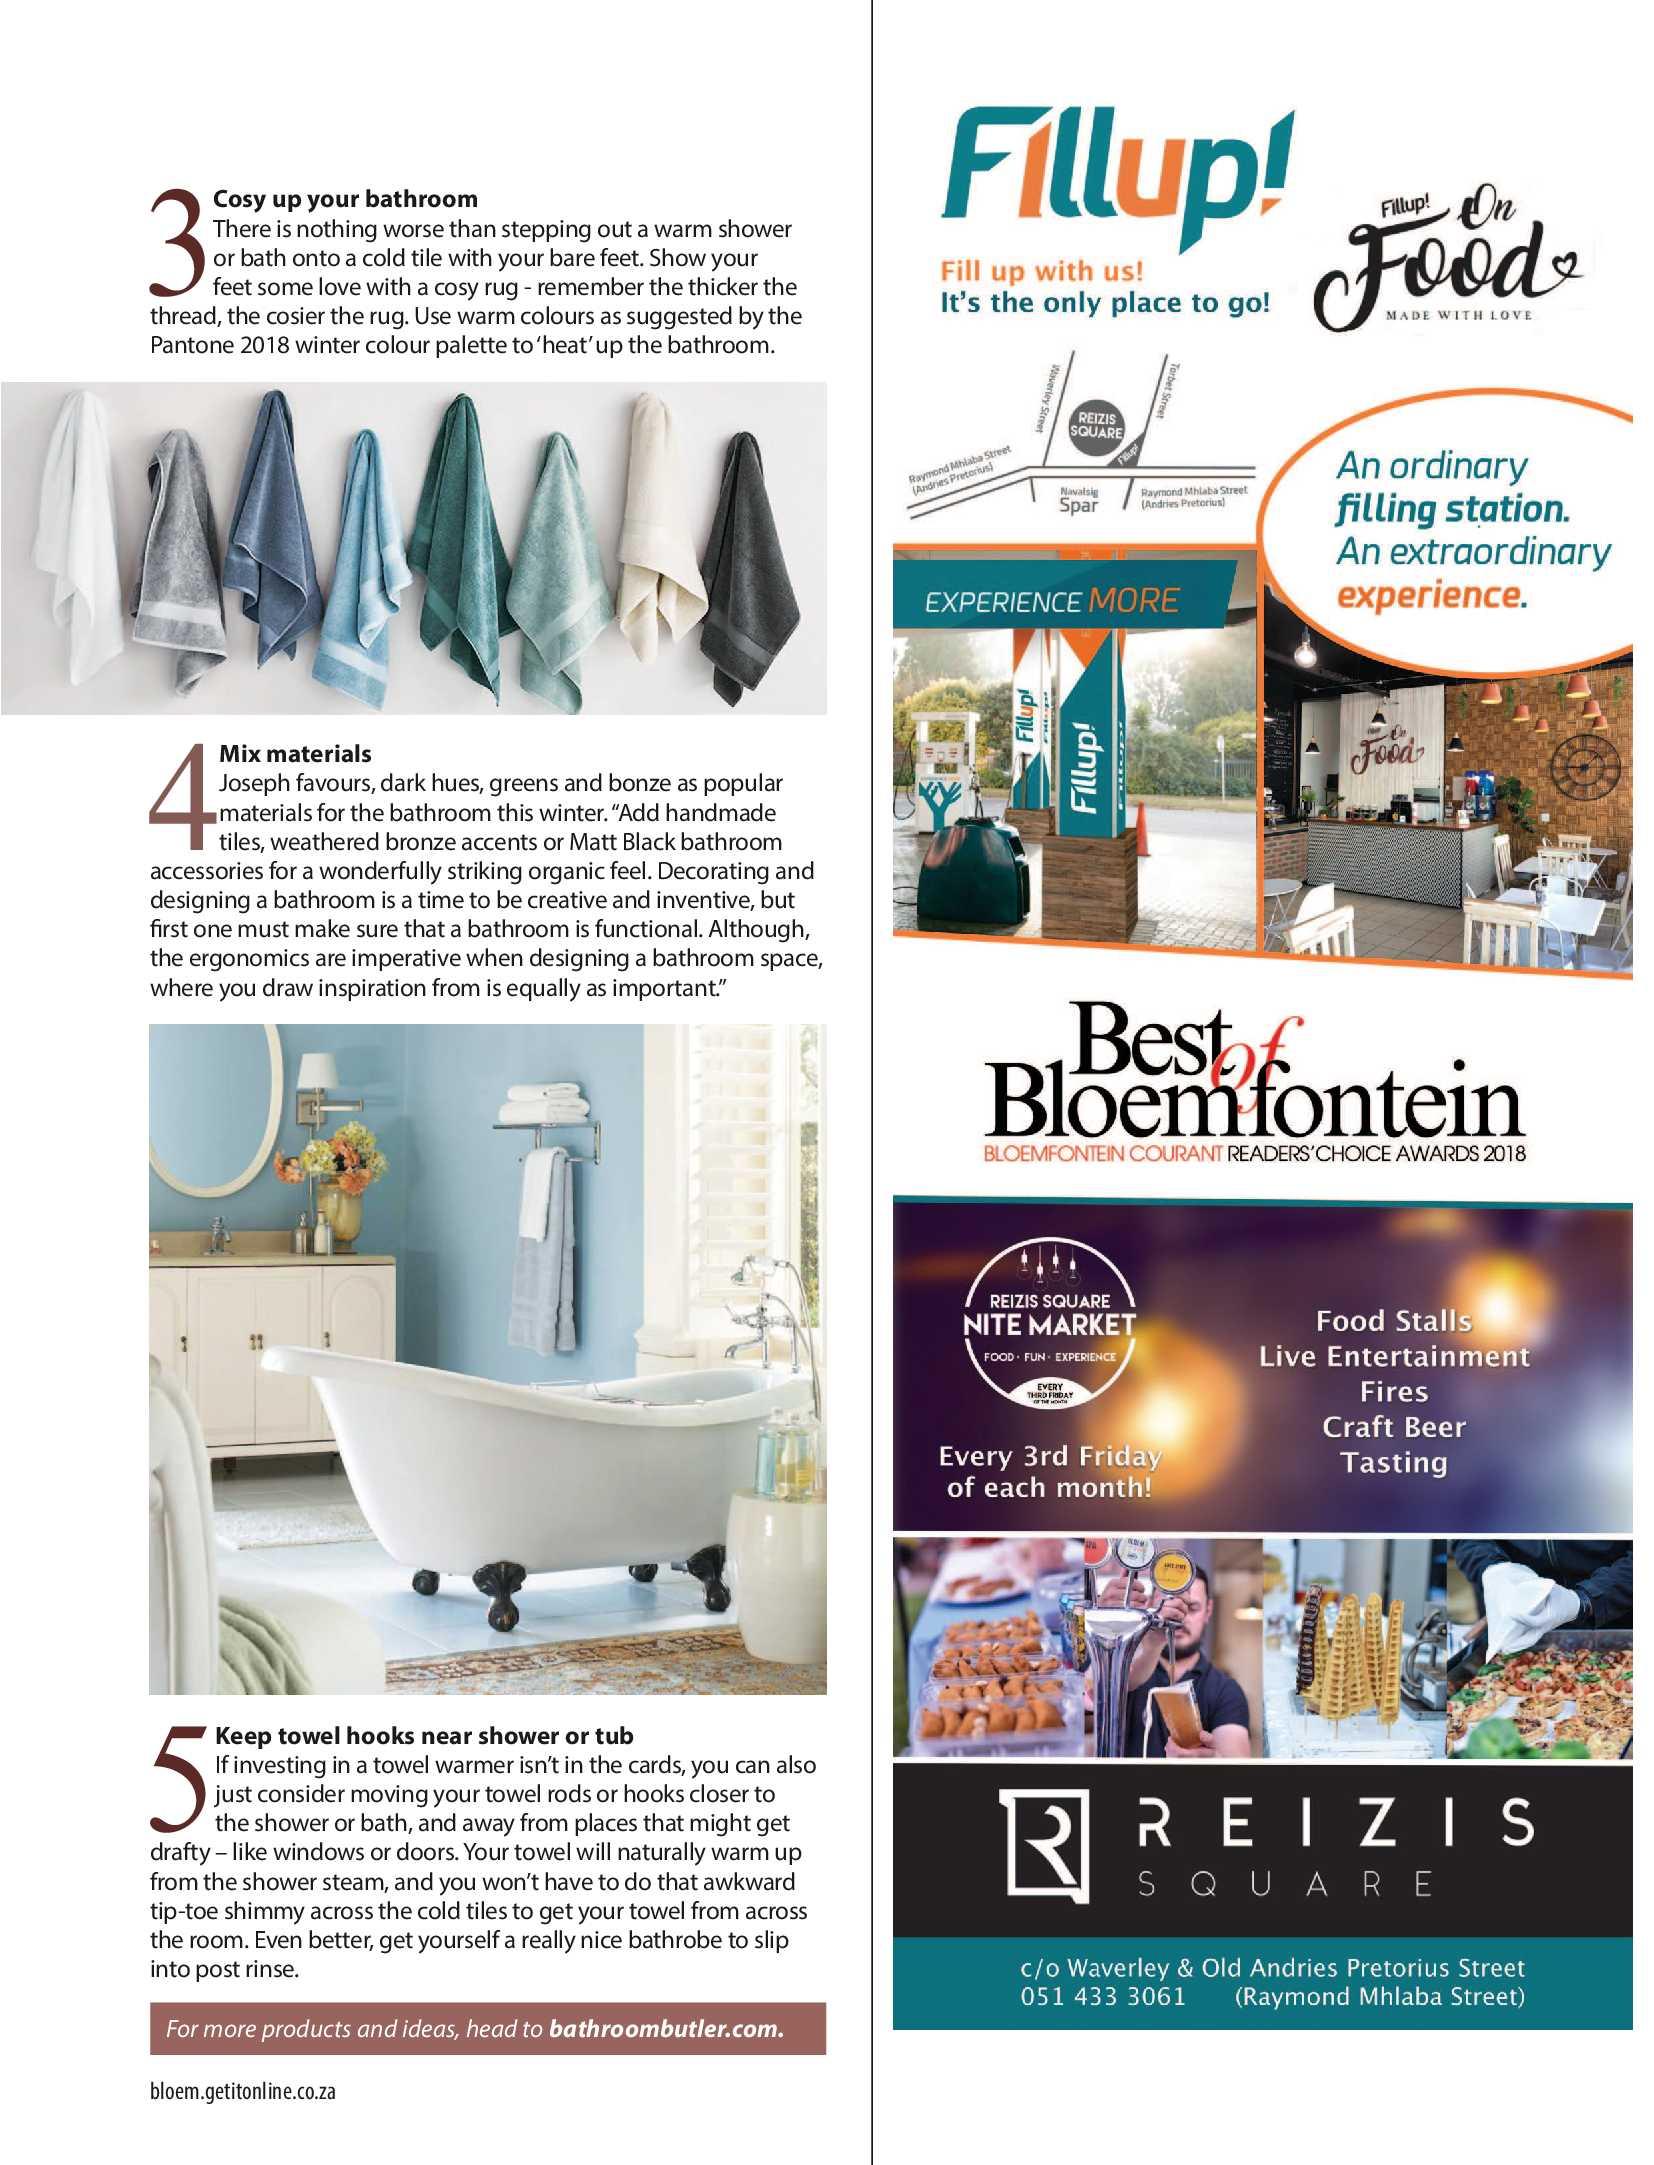 get-bloemfontein-august-2018-epapers-page-33